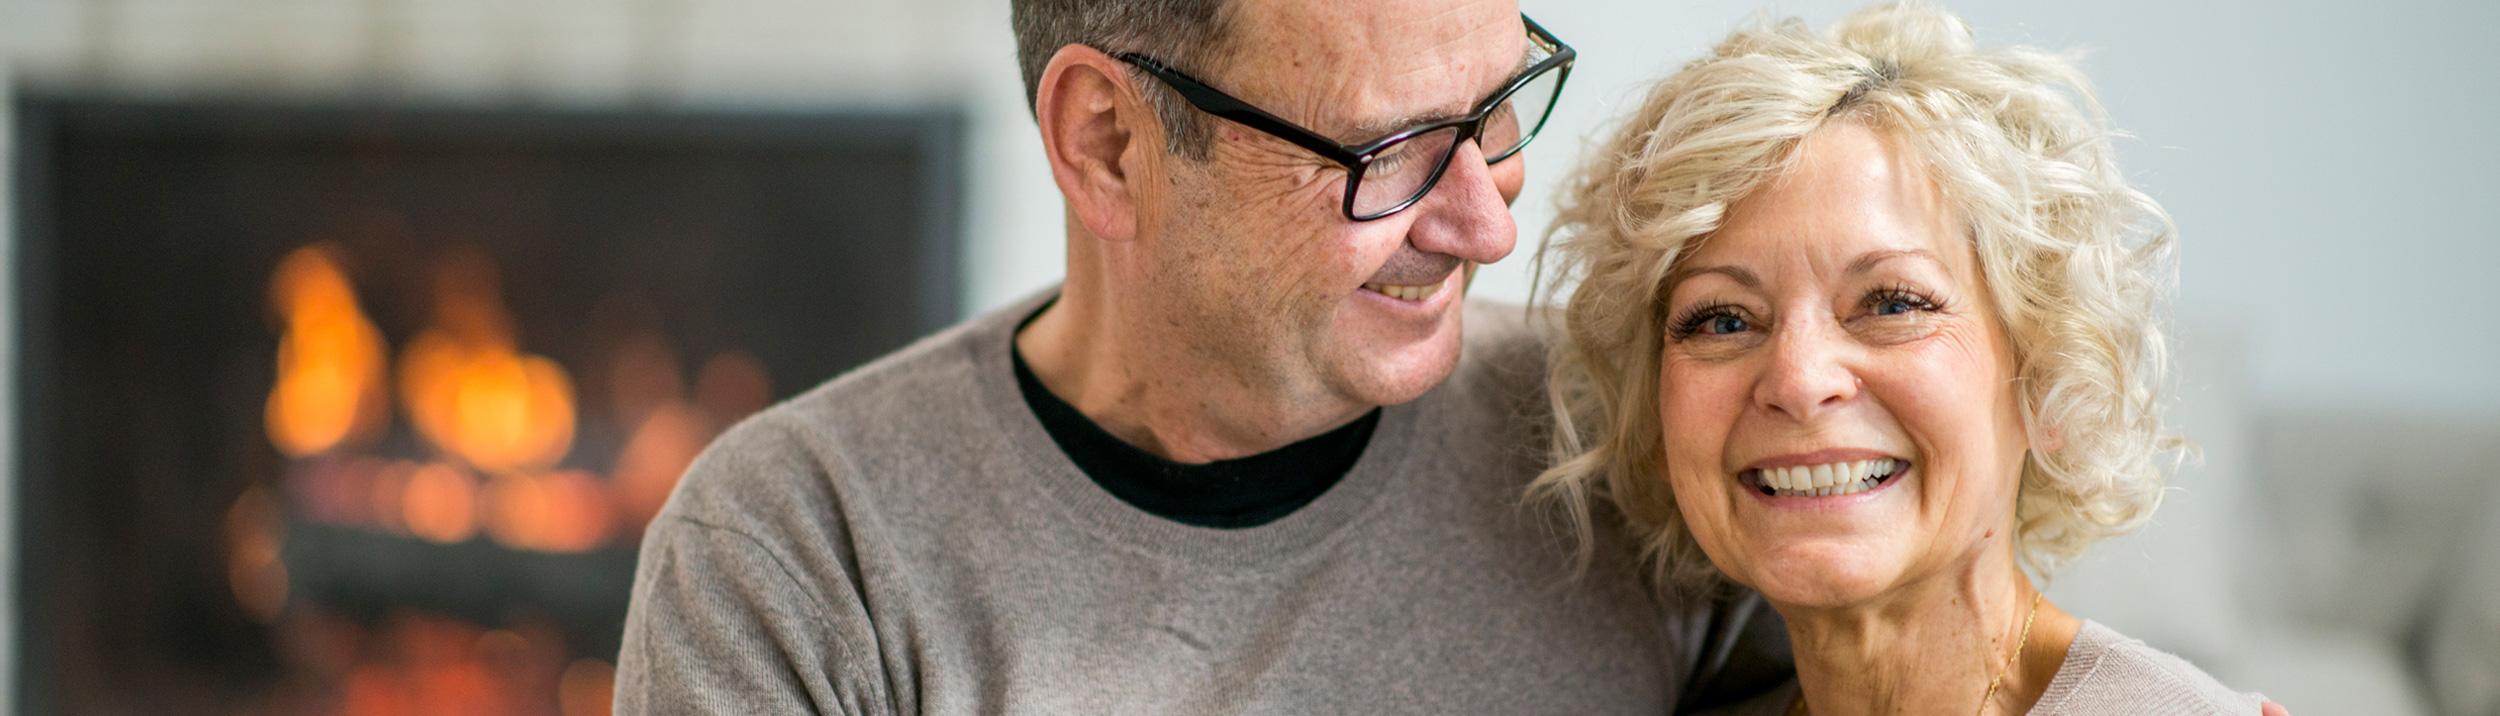 Älteres Paar lächelt dank Ihrer neuen Heizung der Firma Haesler AG.